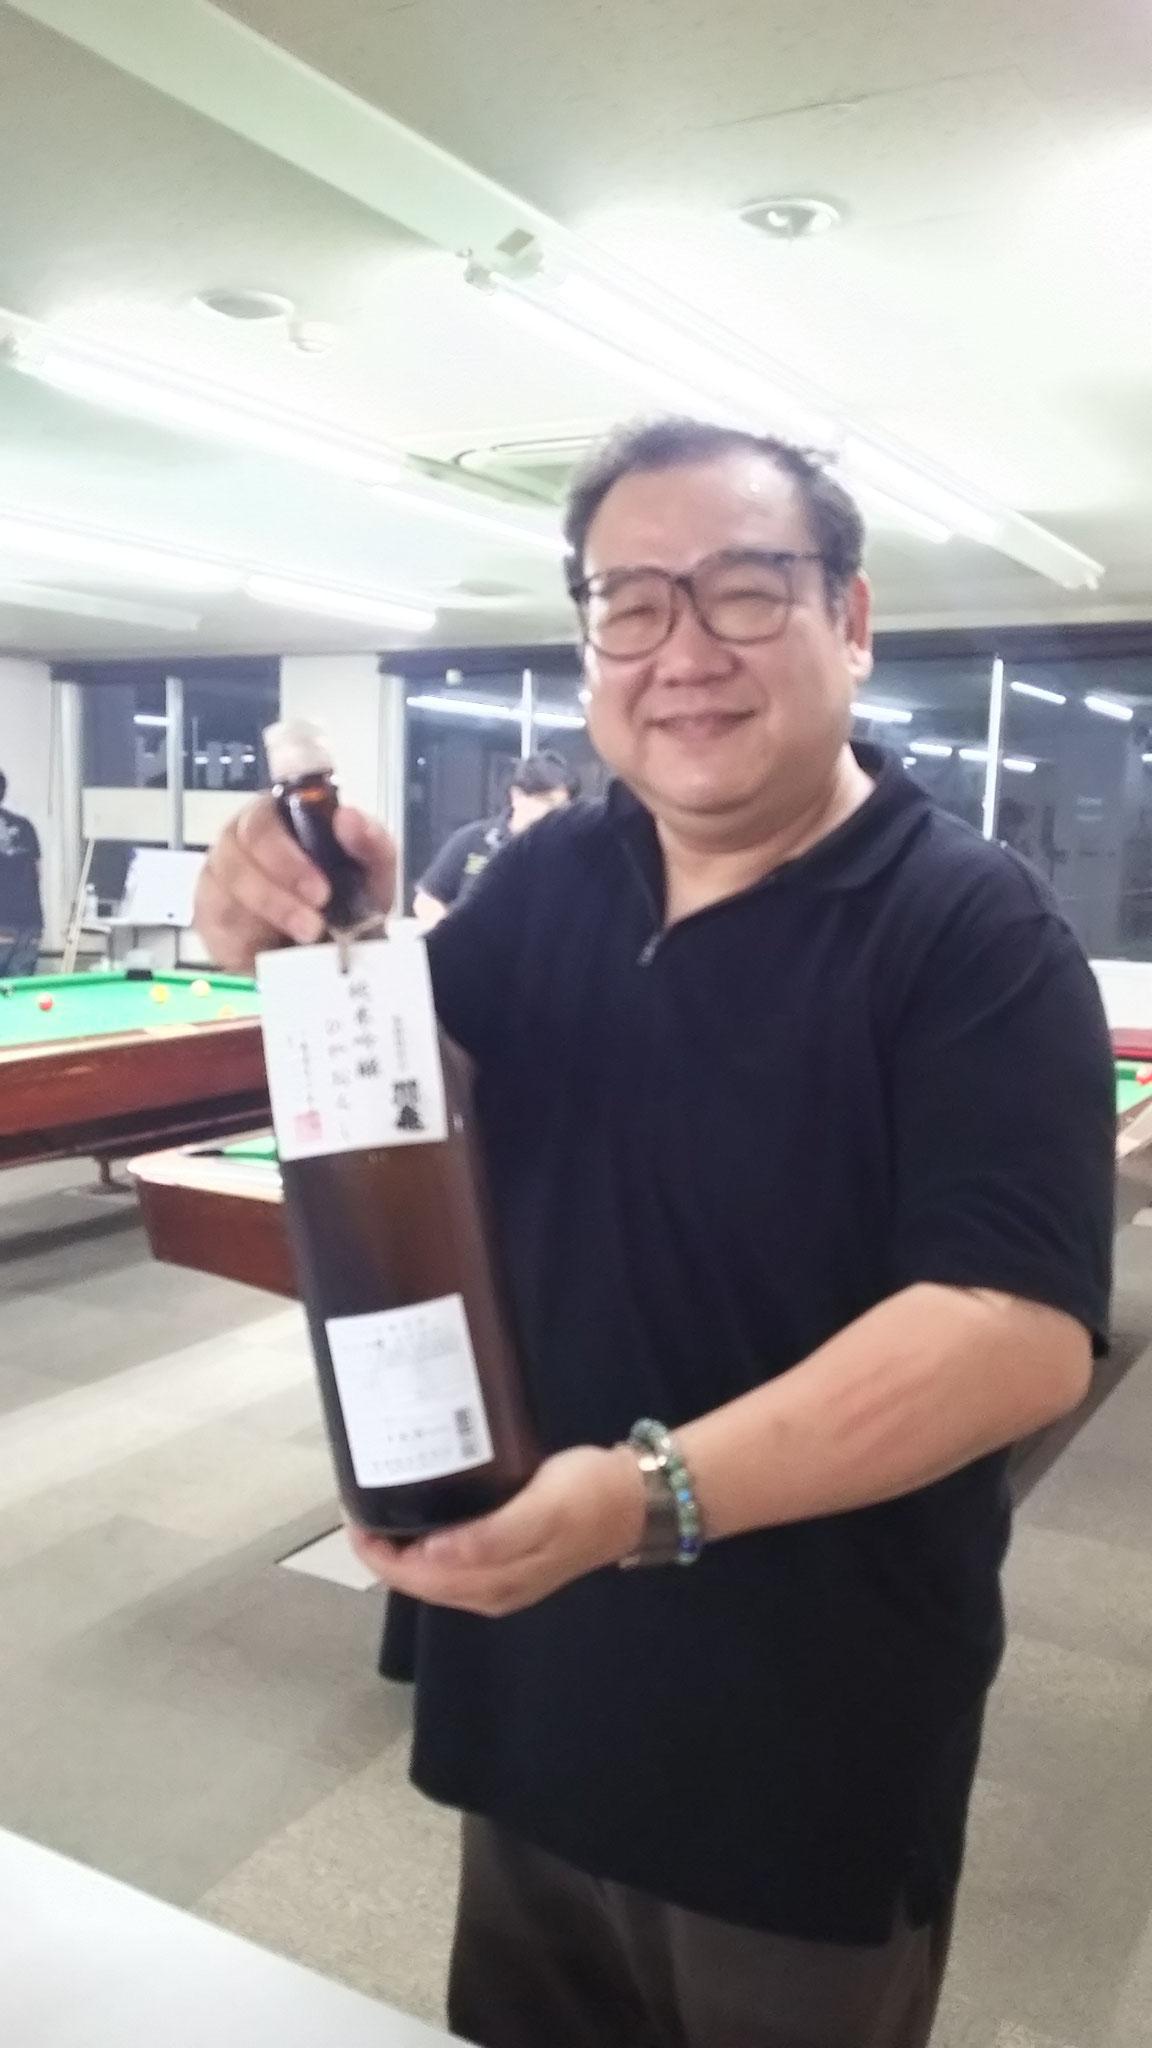 今回も𠮷村さんが生酒を仕入れて持ってきてくださいました。高いお酒やのに一升瓶が一瞬にして空瓶になってしまいます。いつもありがとうございます!